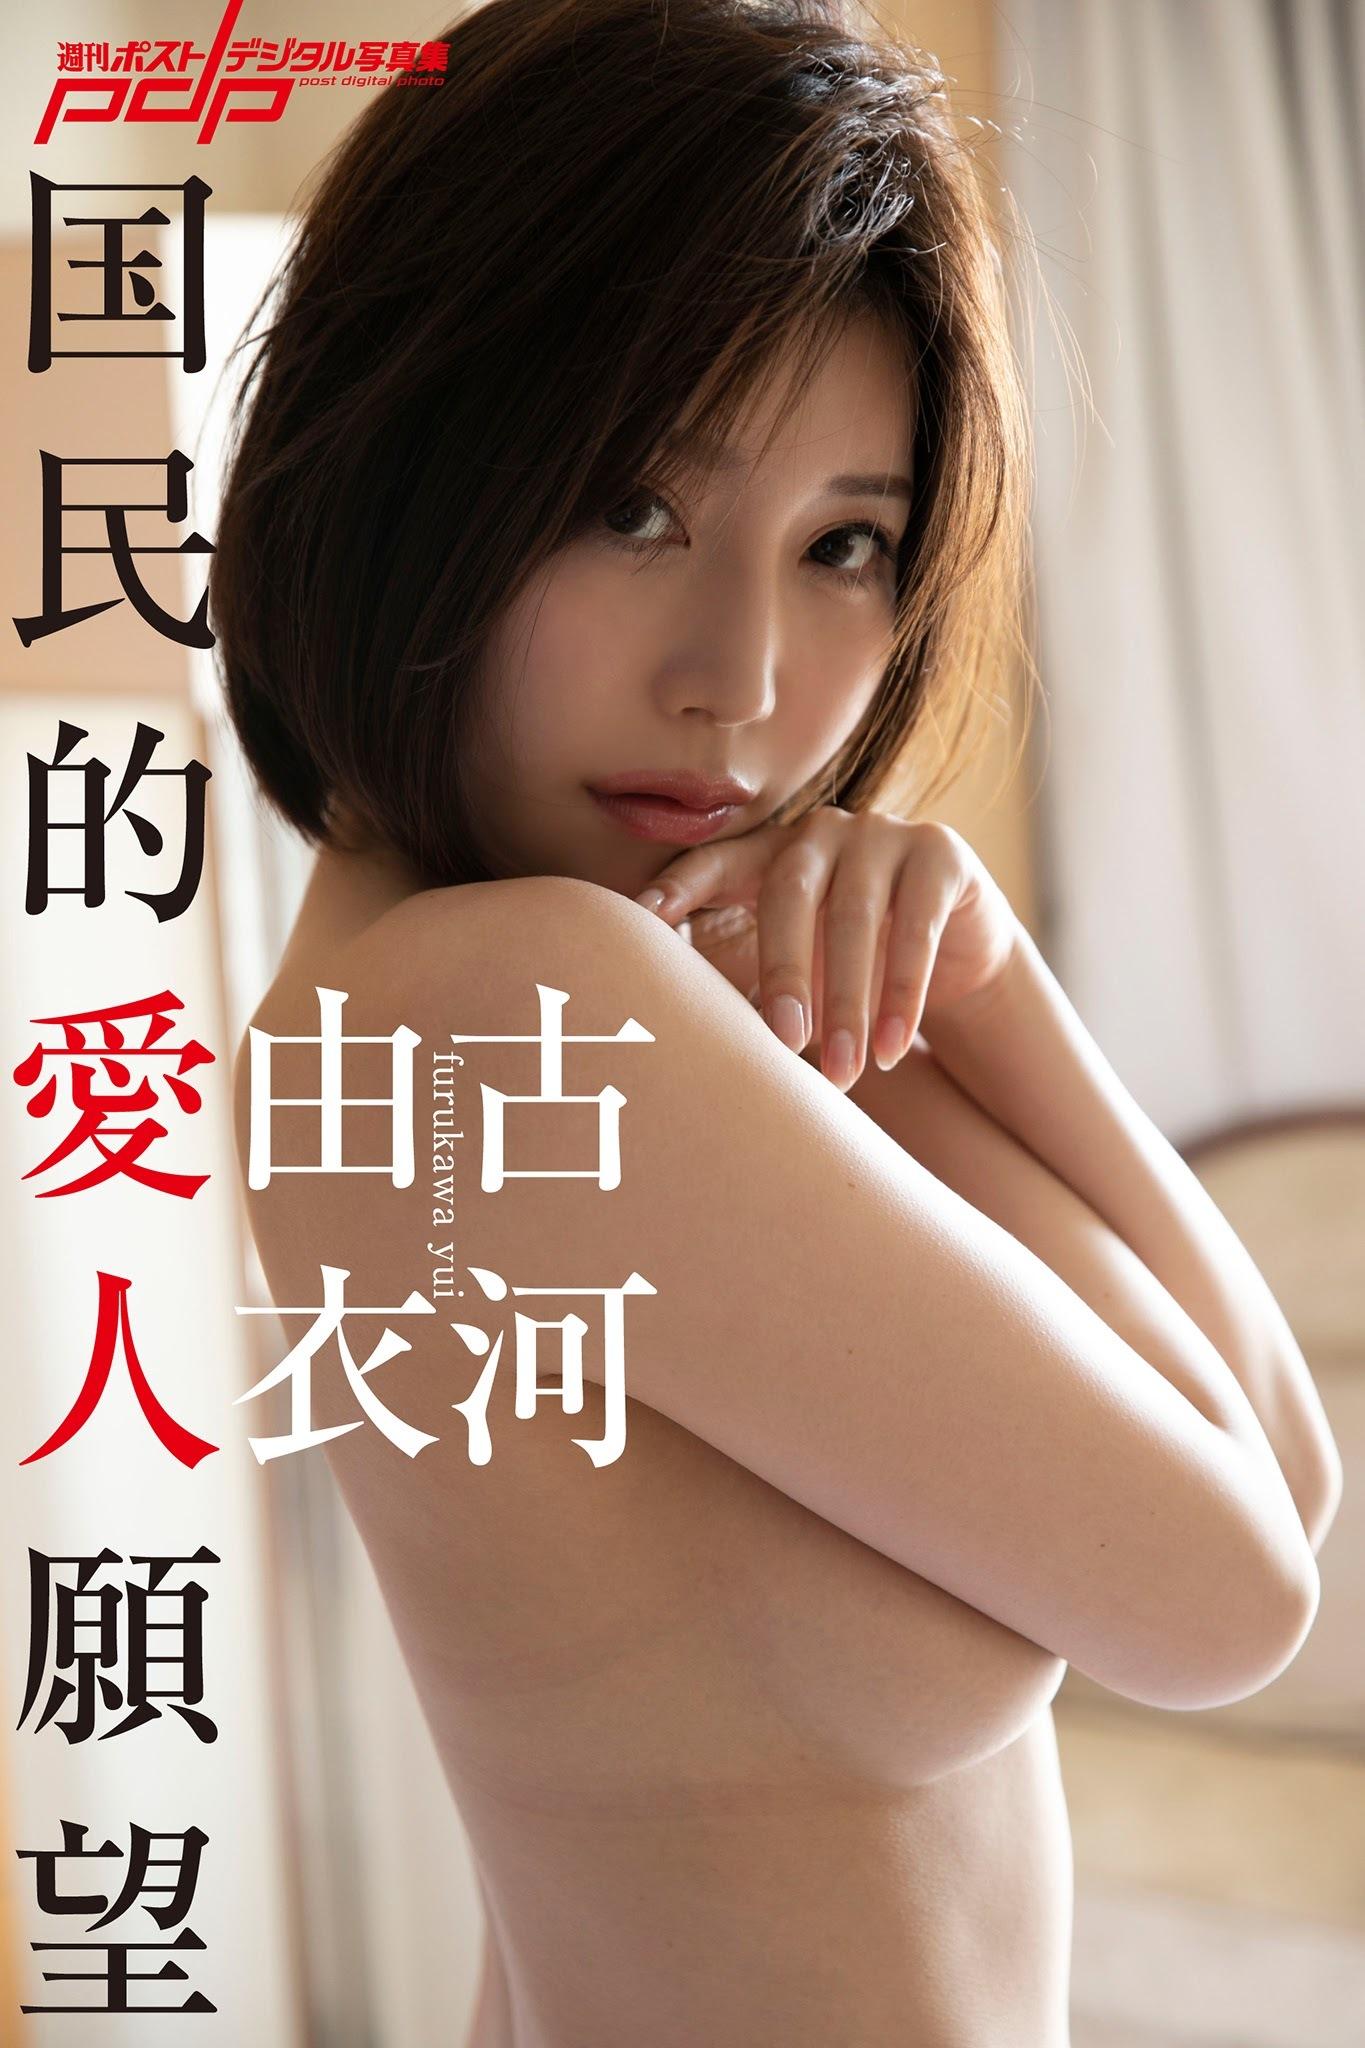 furukawa yui005